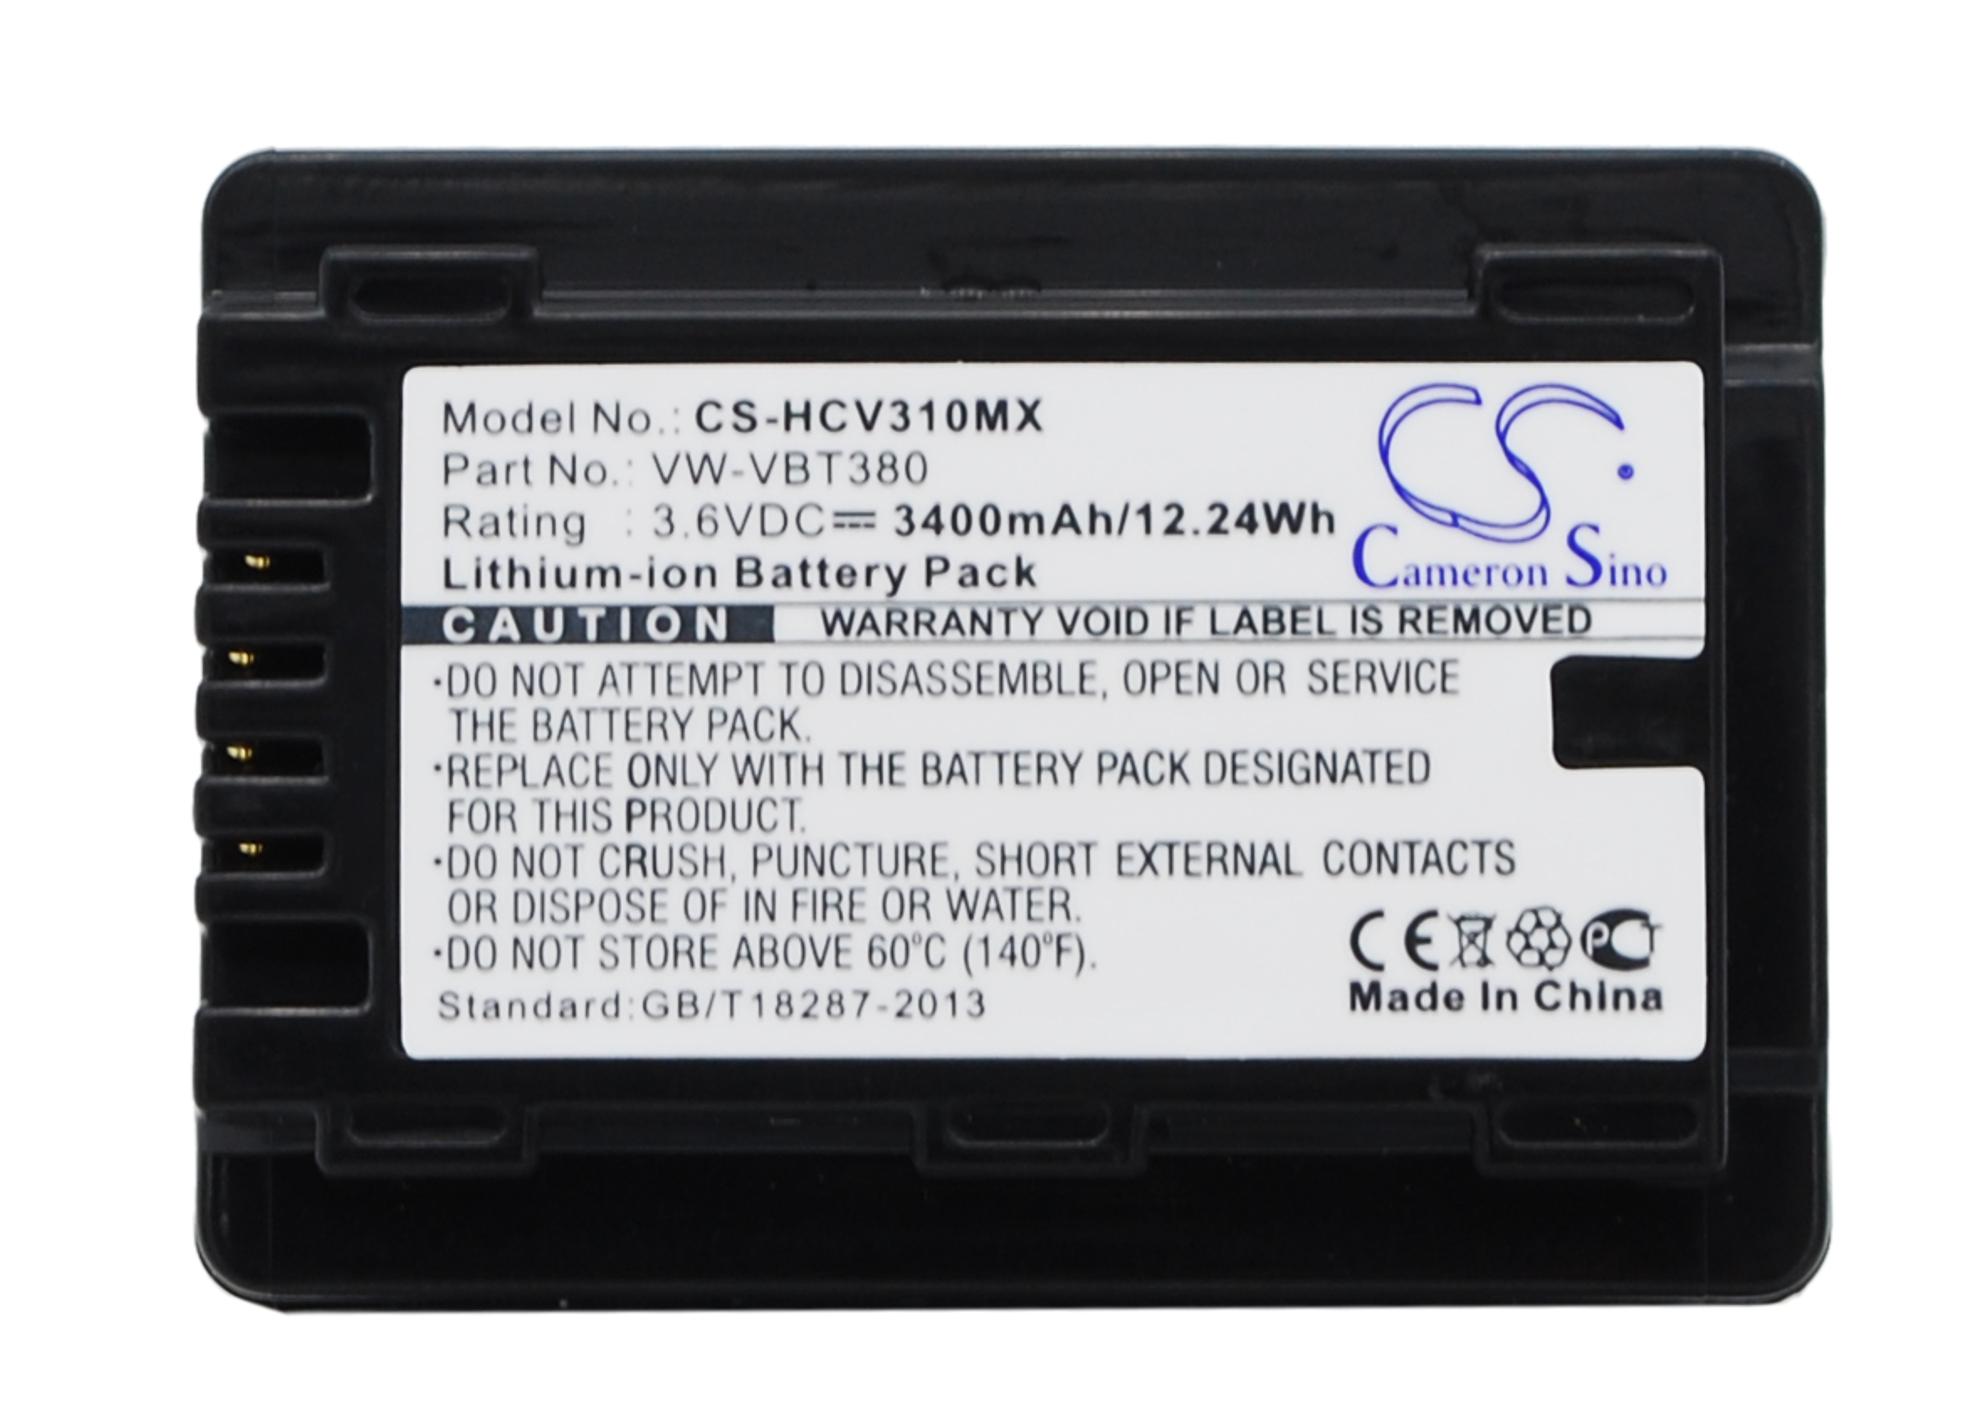 Cameron Sino baterie do kamer a fotoaparátů pro PANASONIC HC-VX870 3.6V Li-ion 3400mAh černá - neoriginální